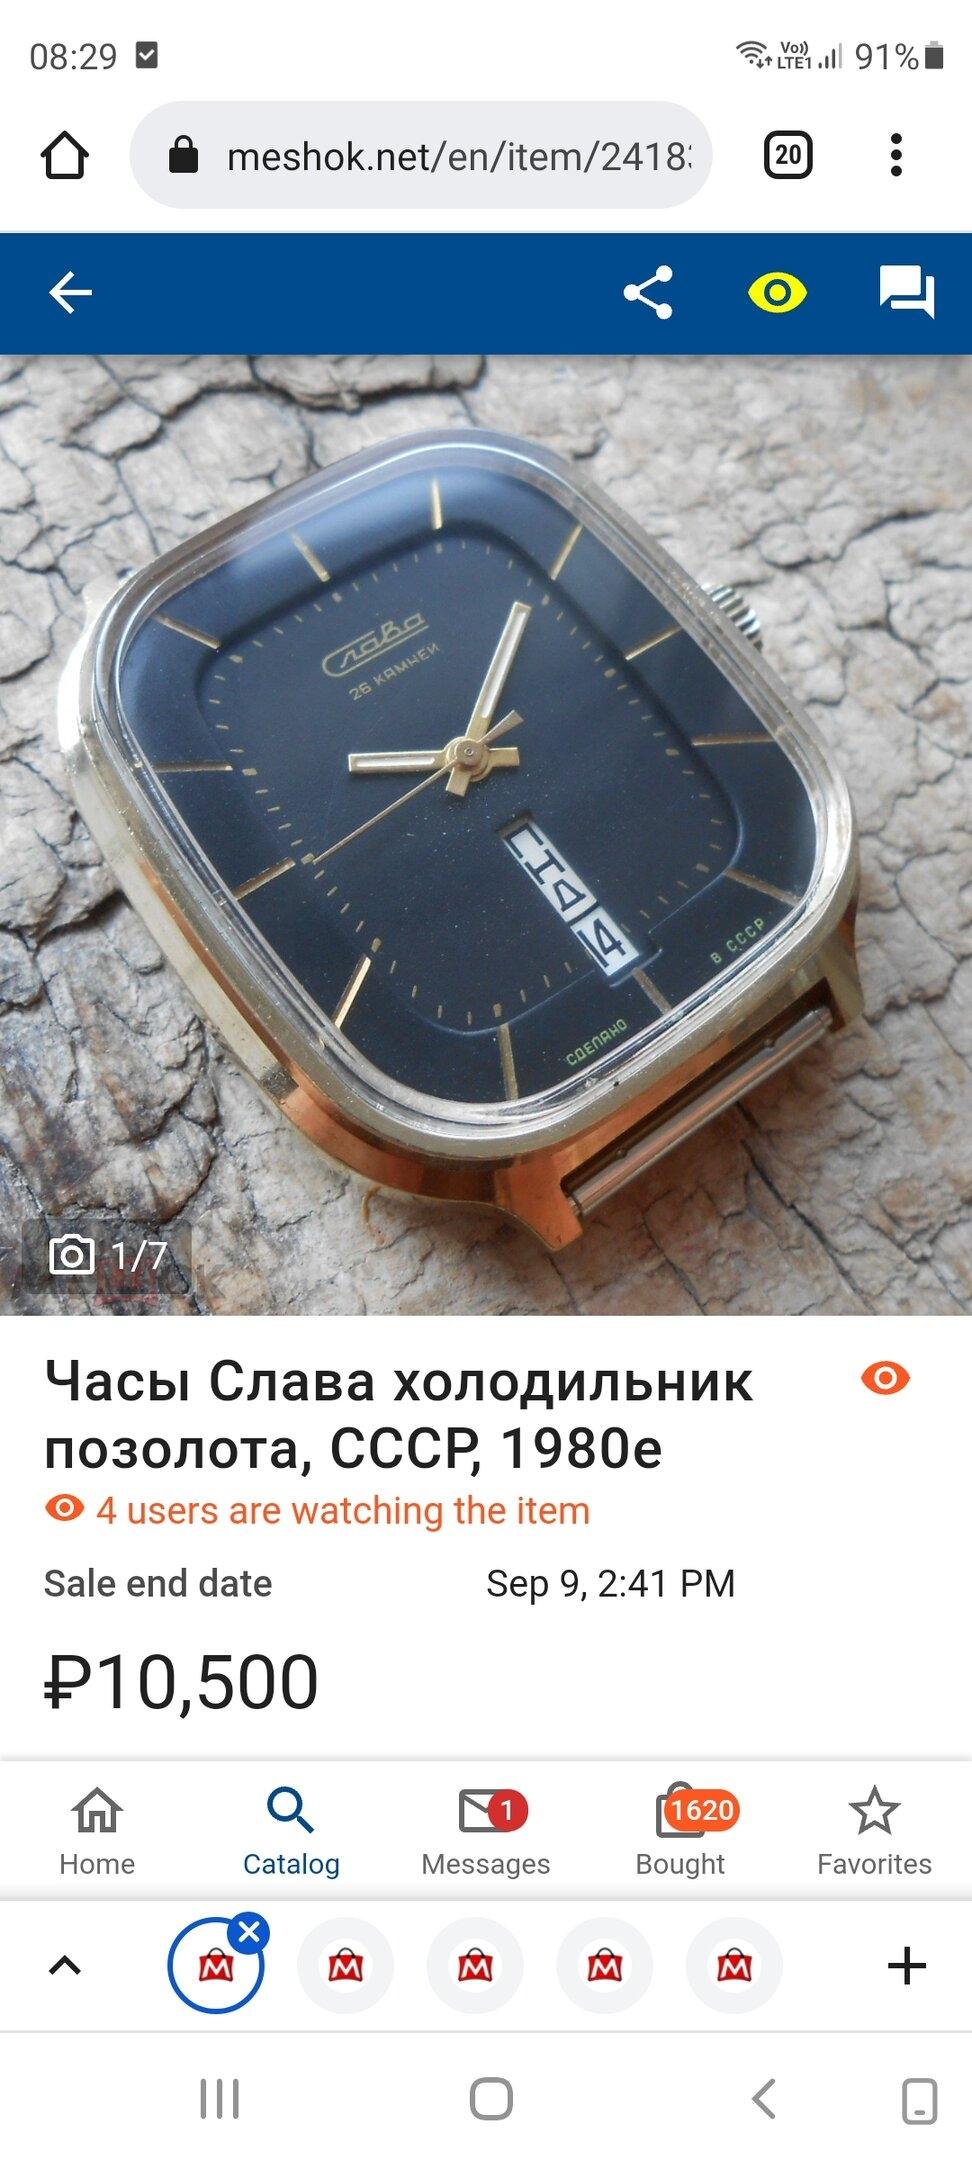 Screenshot_20211015-082939_Chrome.jpg